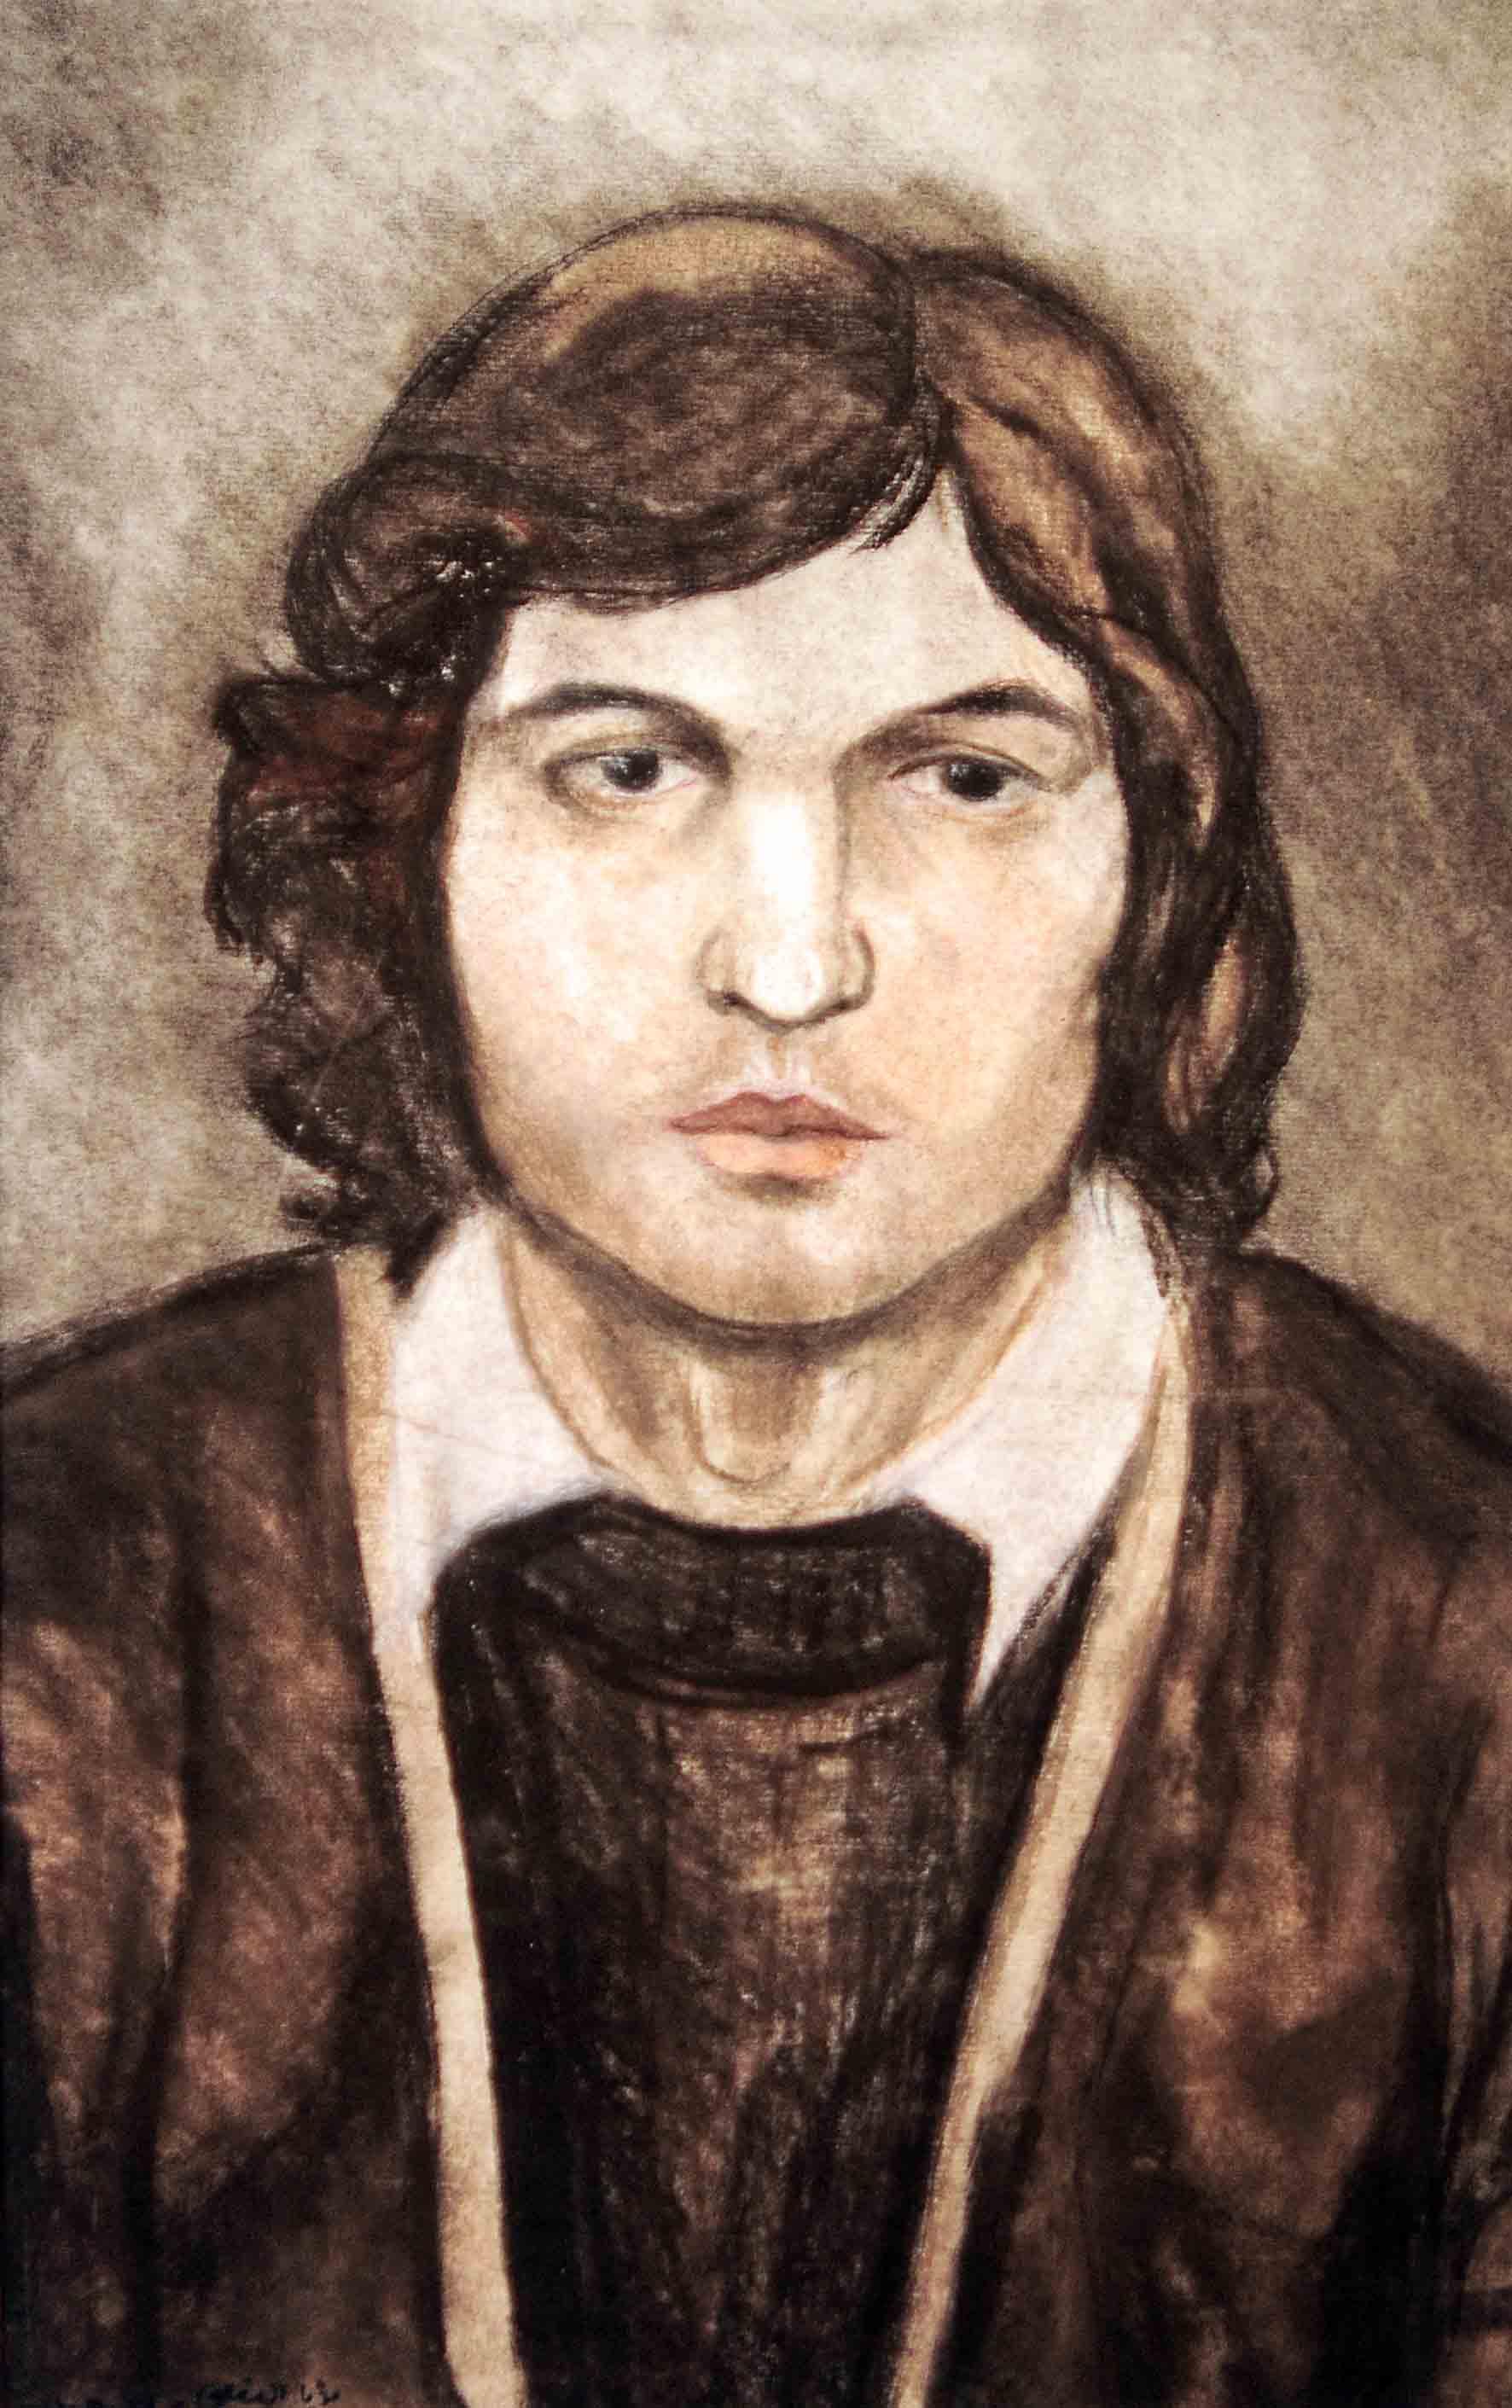 Sergei, 1977